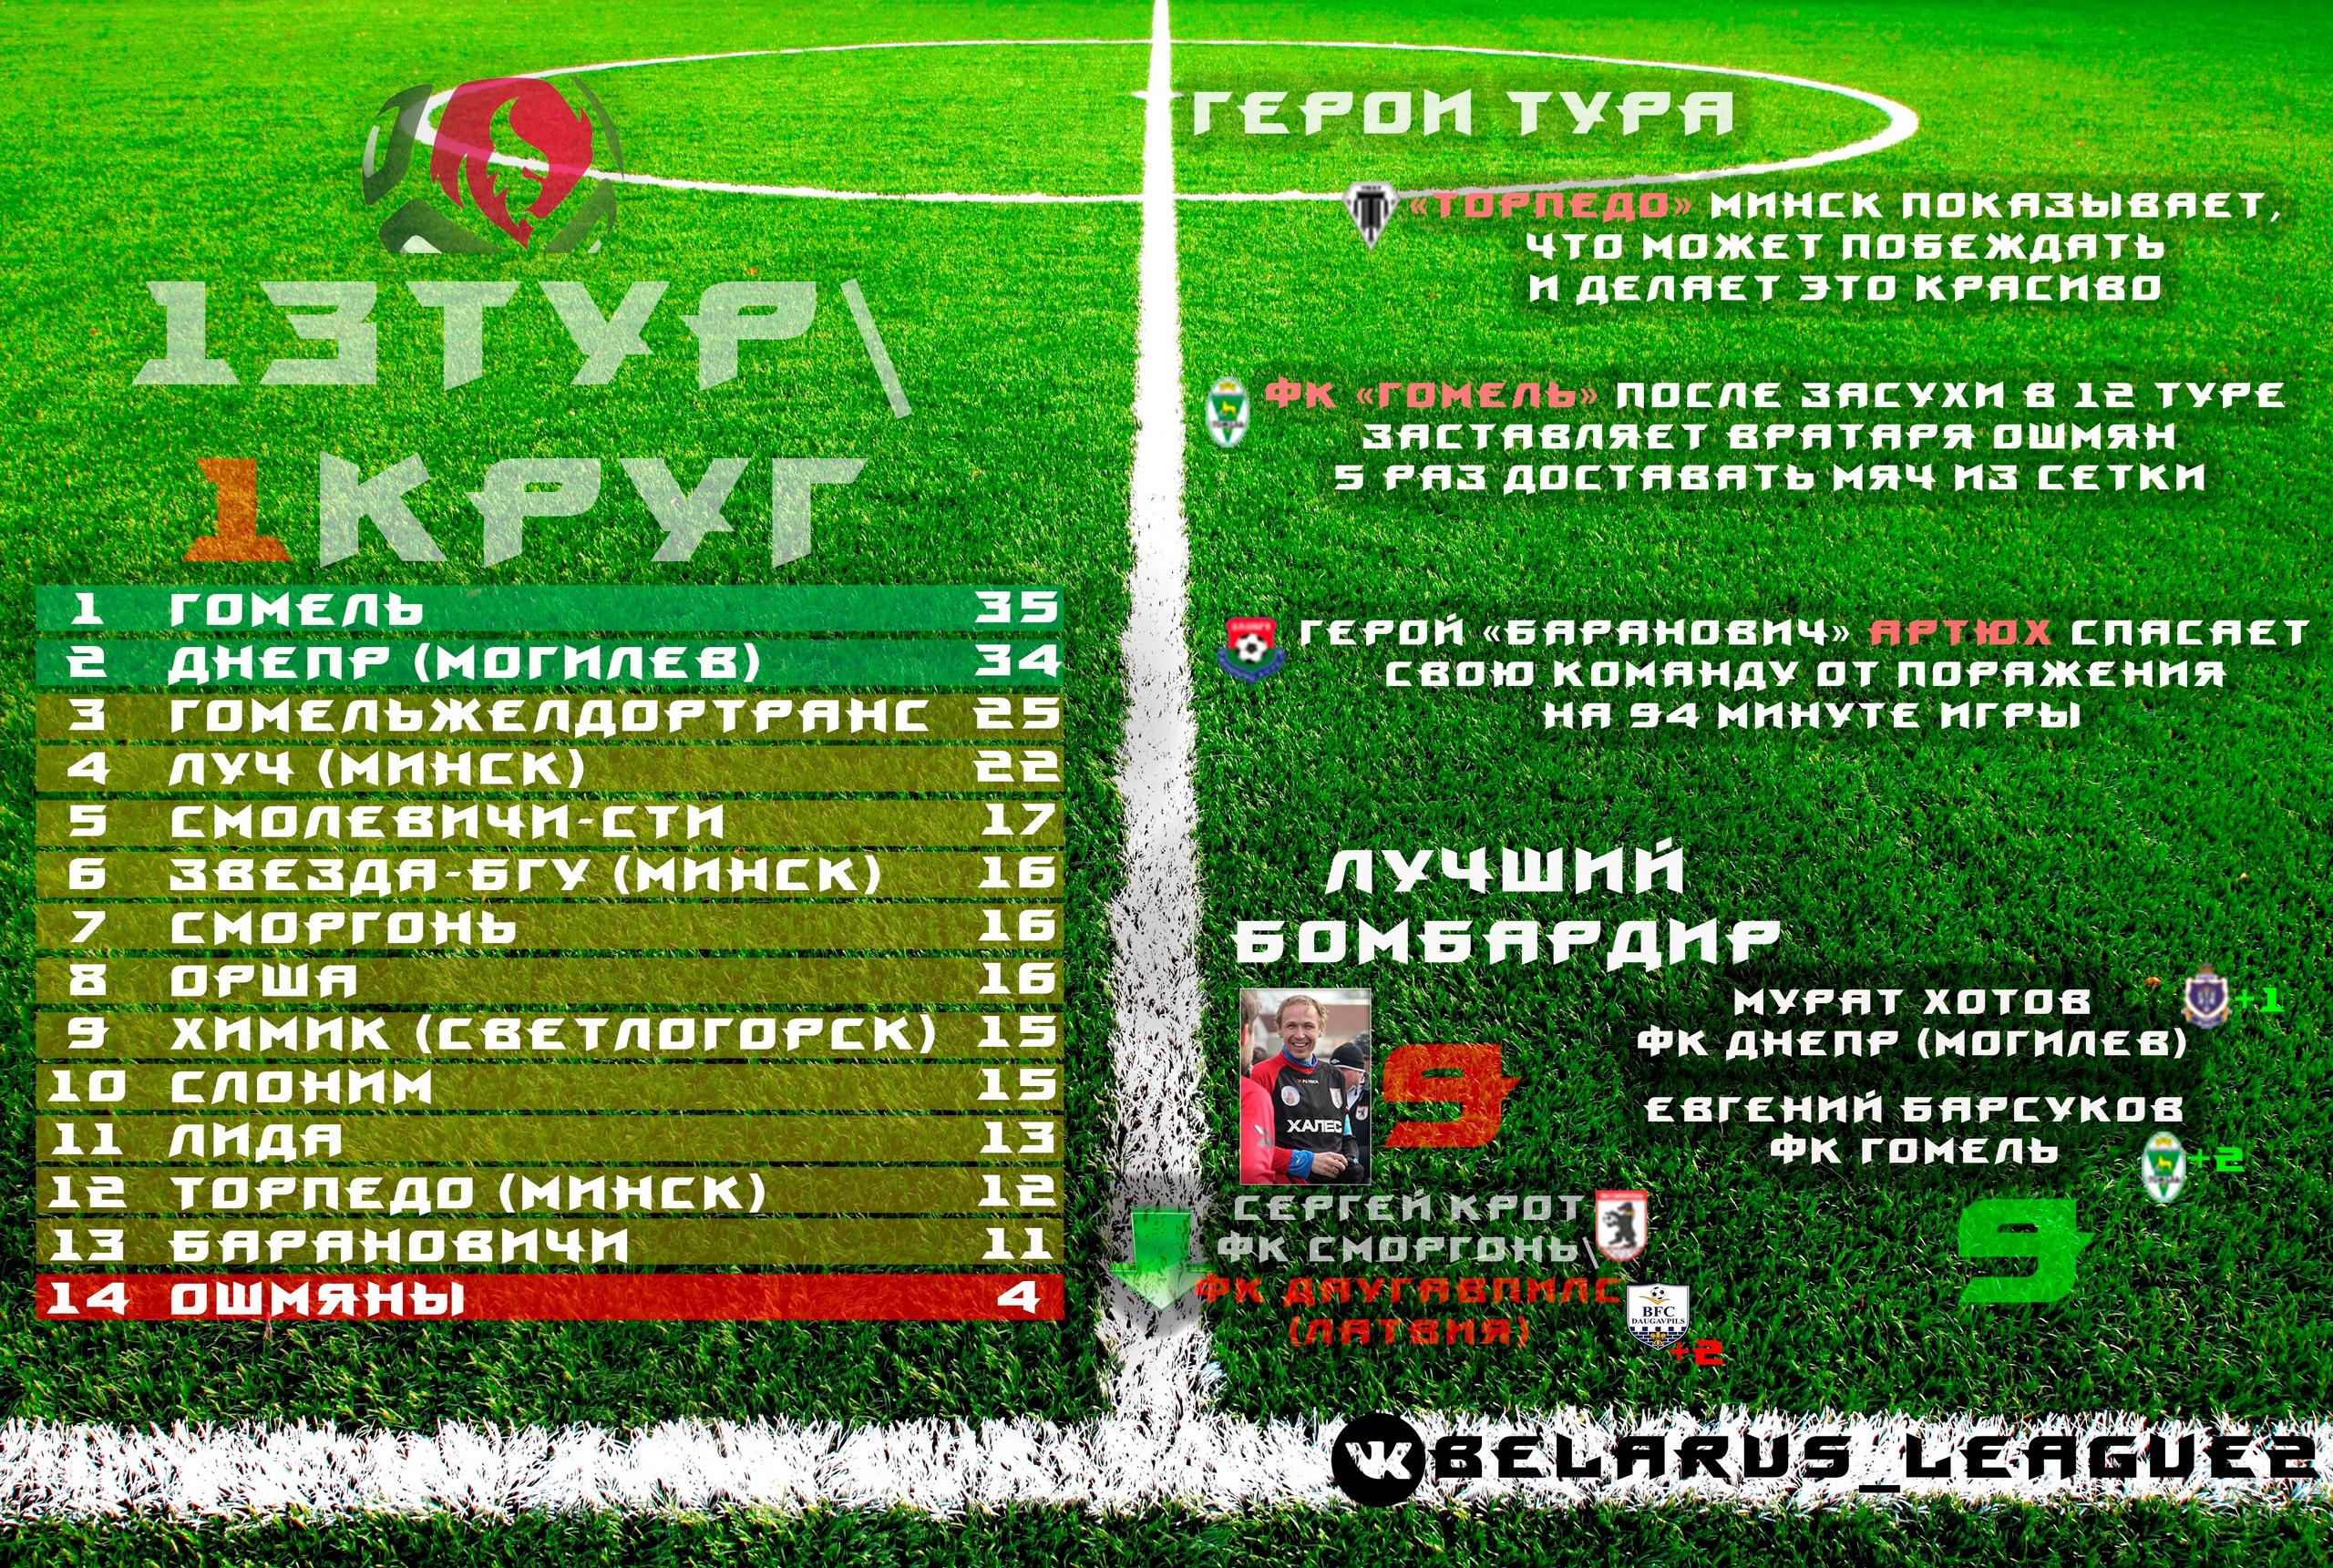 Турнирная таблица Первой лиги. Иллюстрация: Группа ВКонтакте Первая лига ЧБ